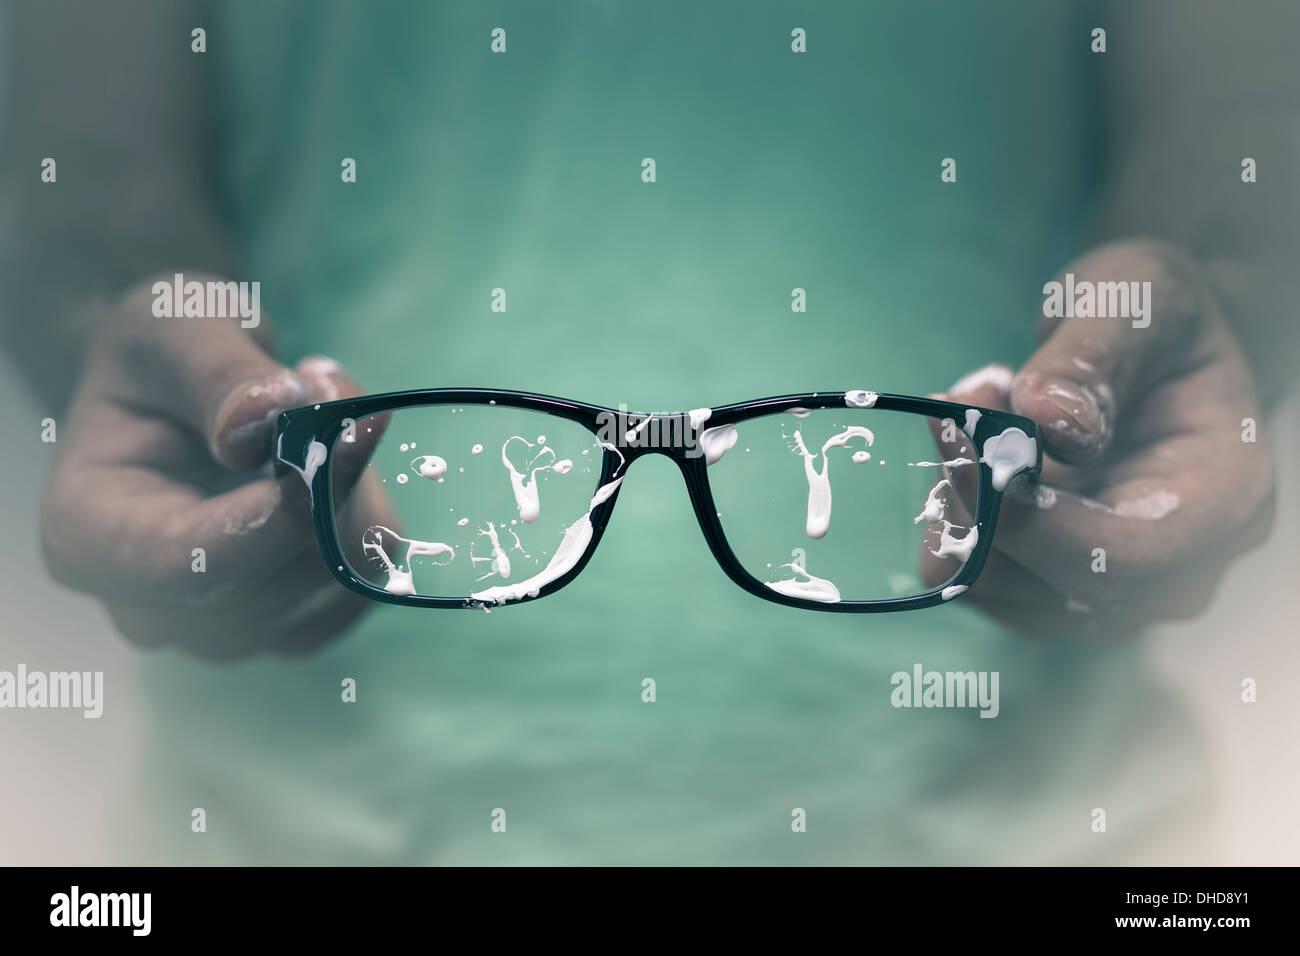 La visione creativa del concetto. Vista dettagliata del uomo creativo che mostra i suoi occhiali colorati. Immagini Stock